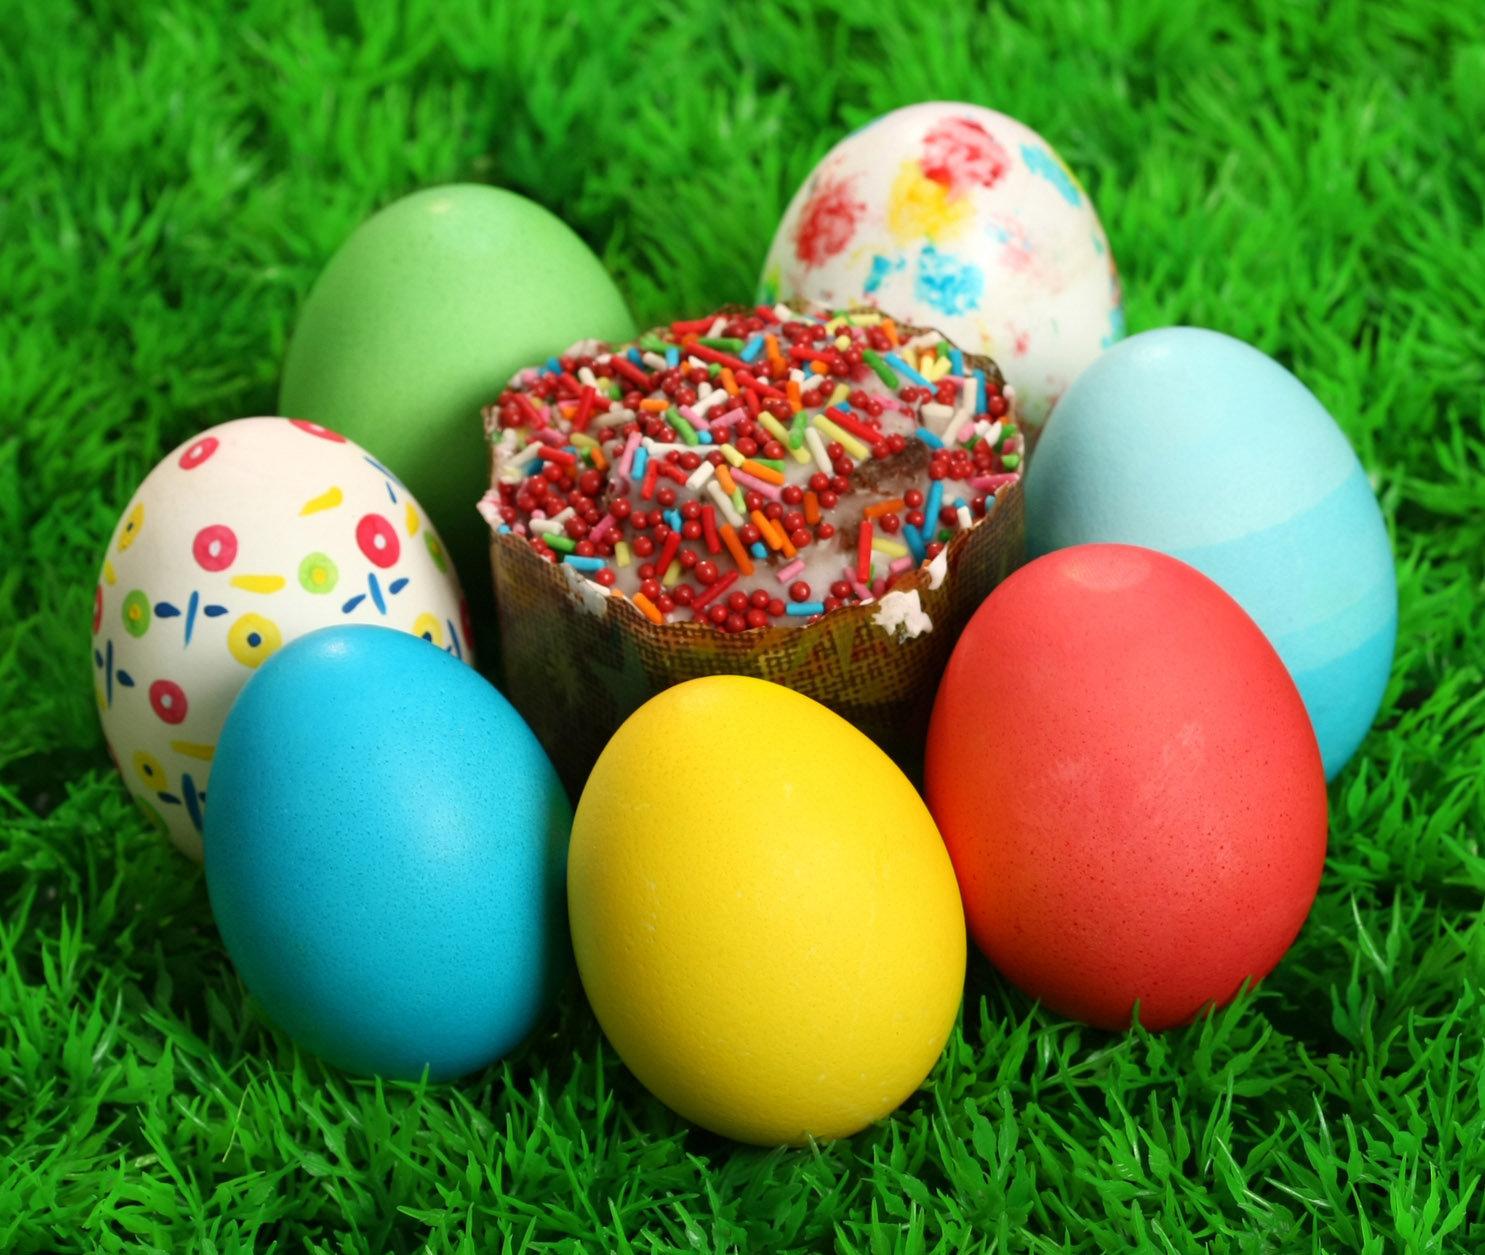 Натуральные безопасные красители для пасхальных яиц